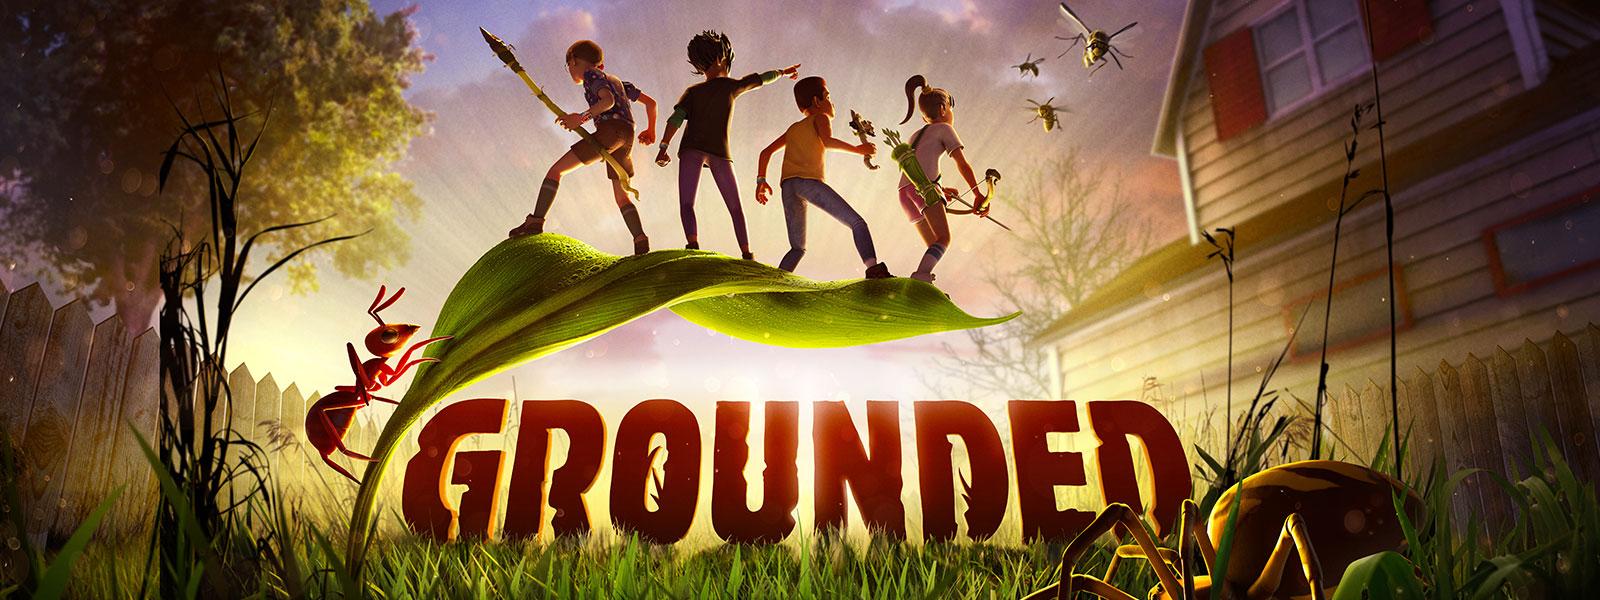 Grounded, cuatro niños sobre la hoja de una pequeña planta mientras una araña se arrastra por el tallo hacia ellos